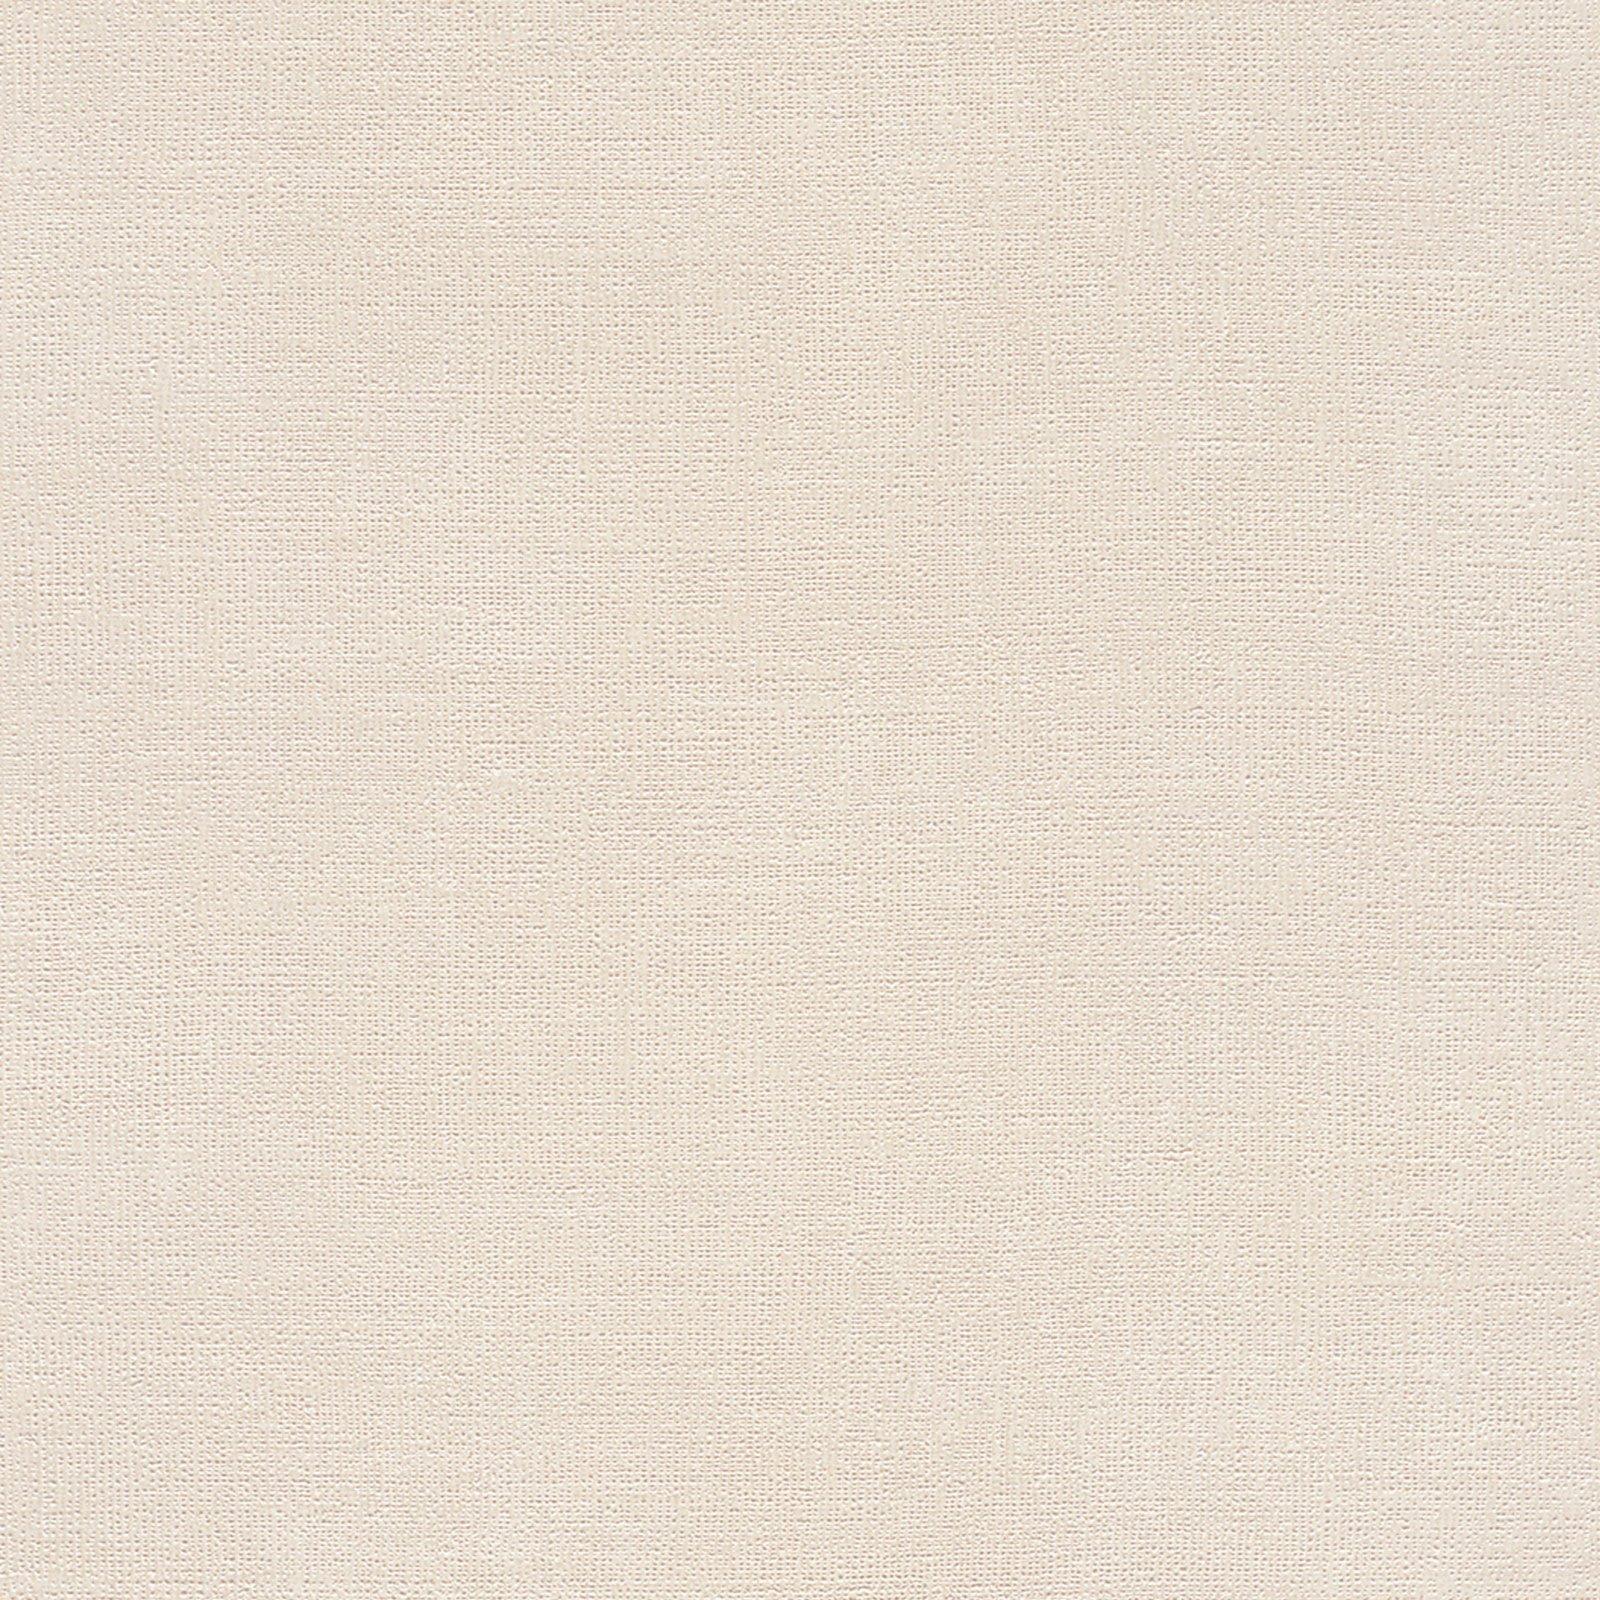 Vinyltapete uni beige mit struktur 10 meter for Tapeten roller